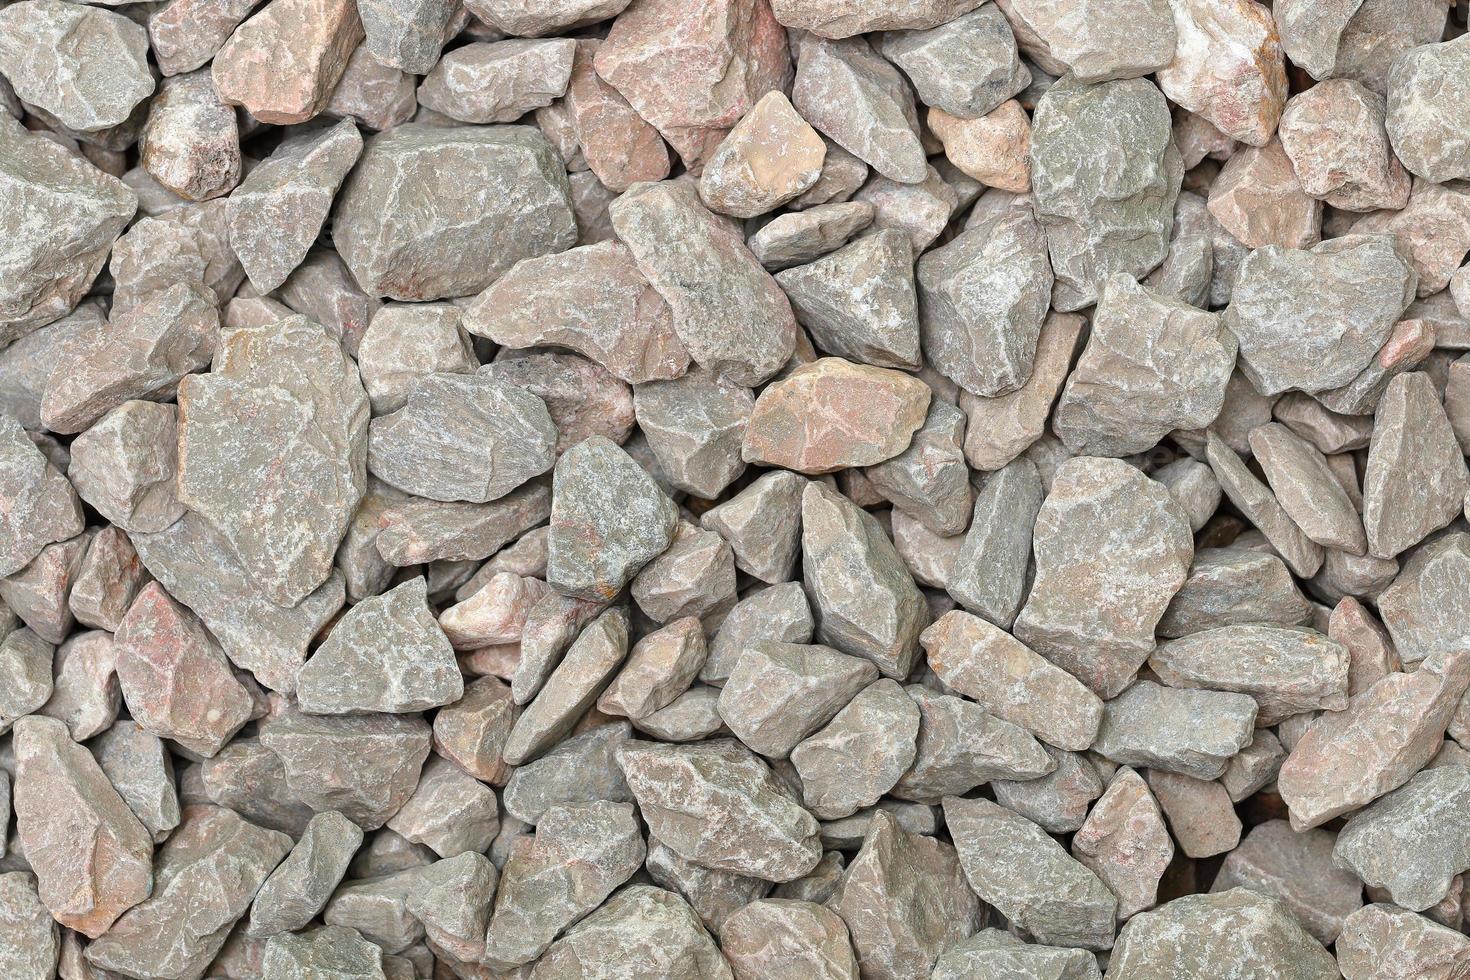 metamorf gesteente voor het mengen van beton foto